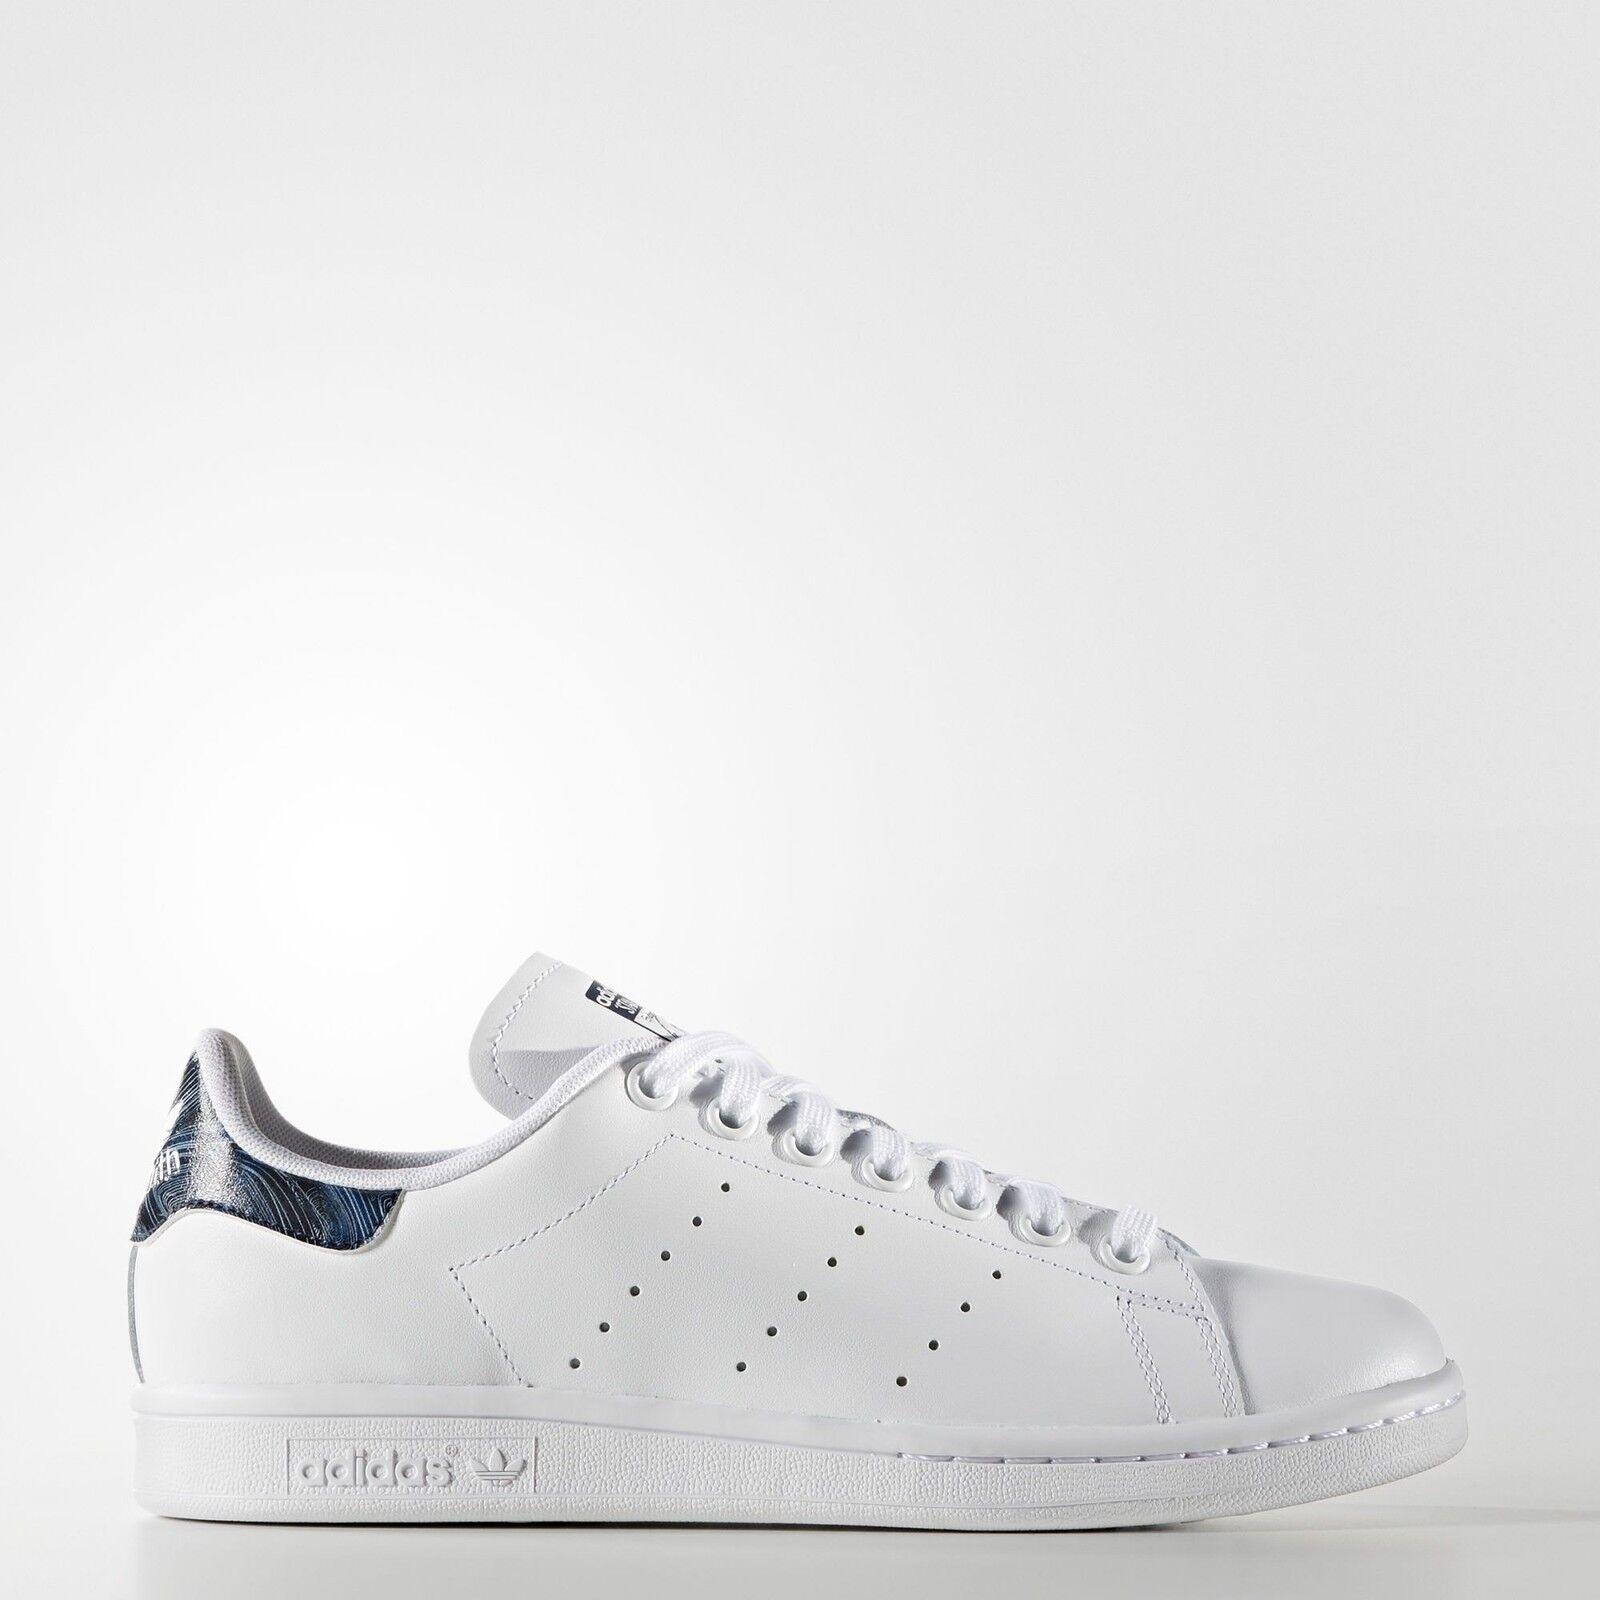 Adidas frauen stan smith (weiße schuhe, weiße / nacht / indigo) bb3009